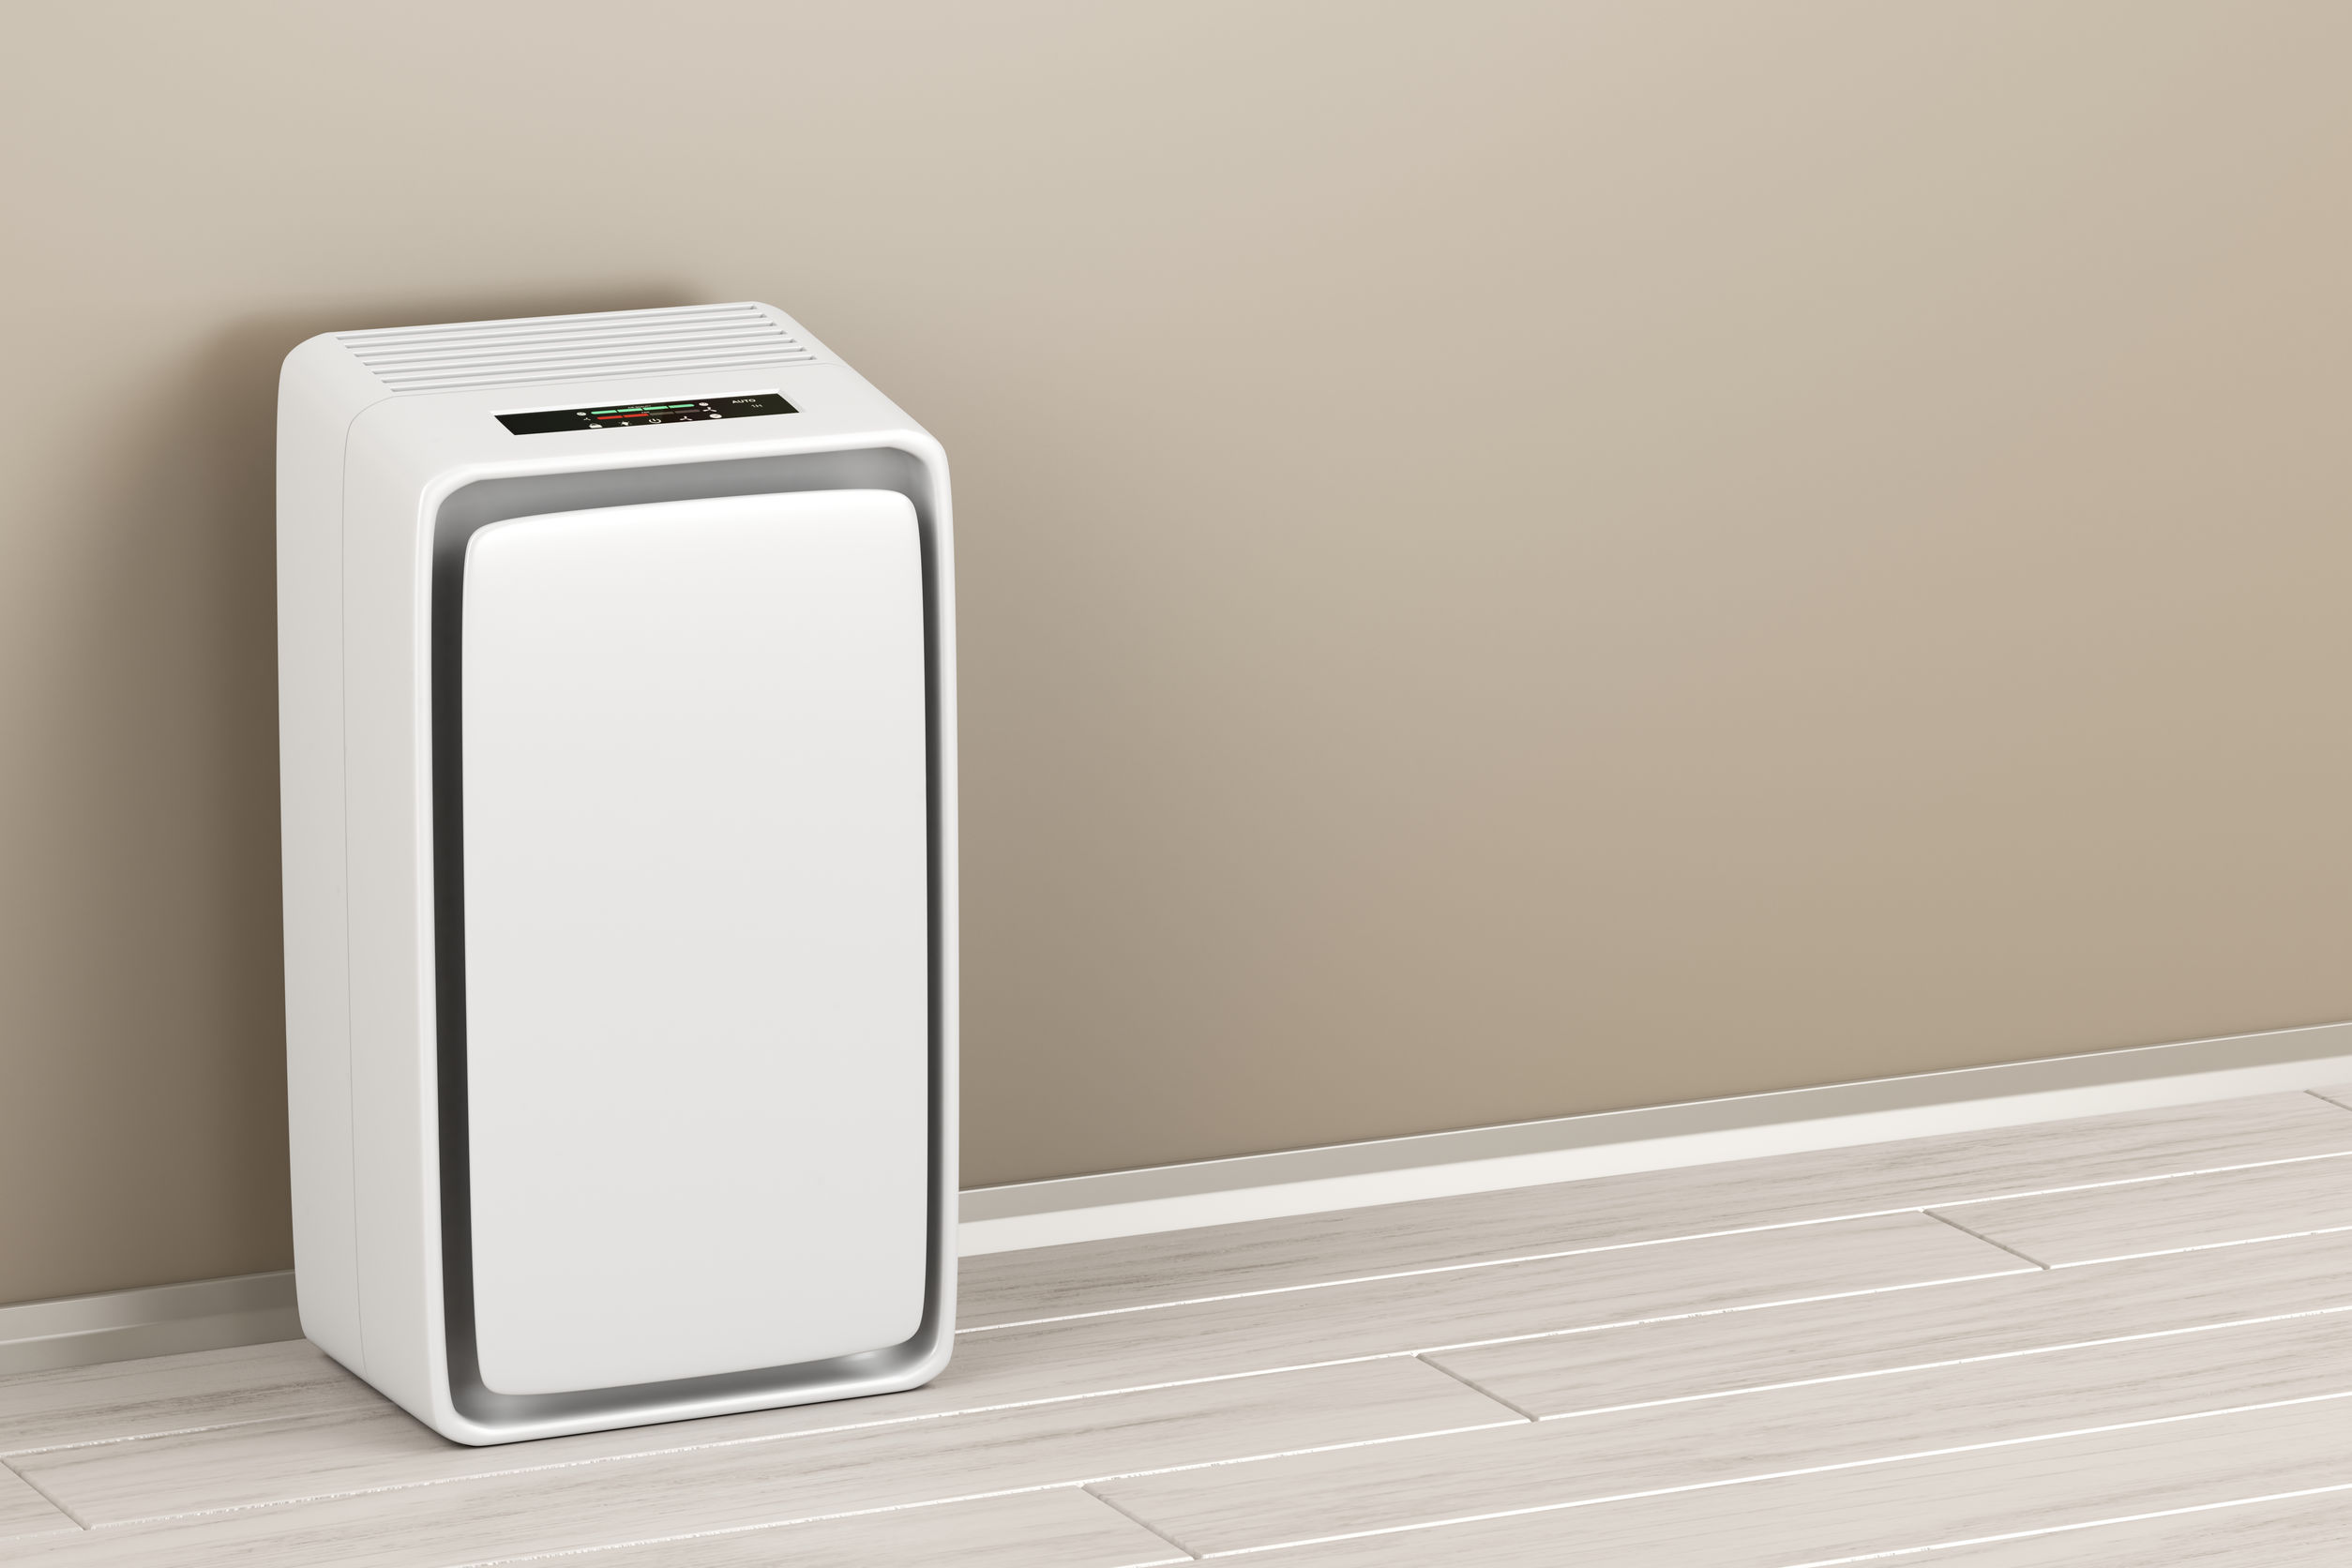 Climatizador eléctrico en la habitación.